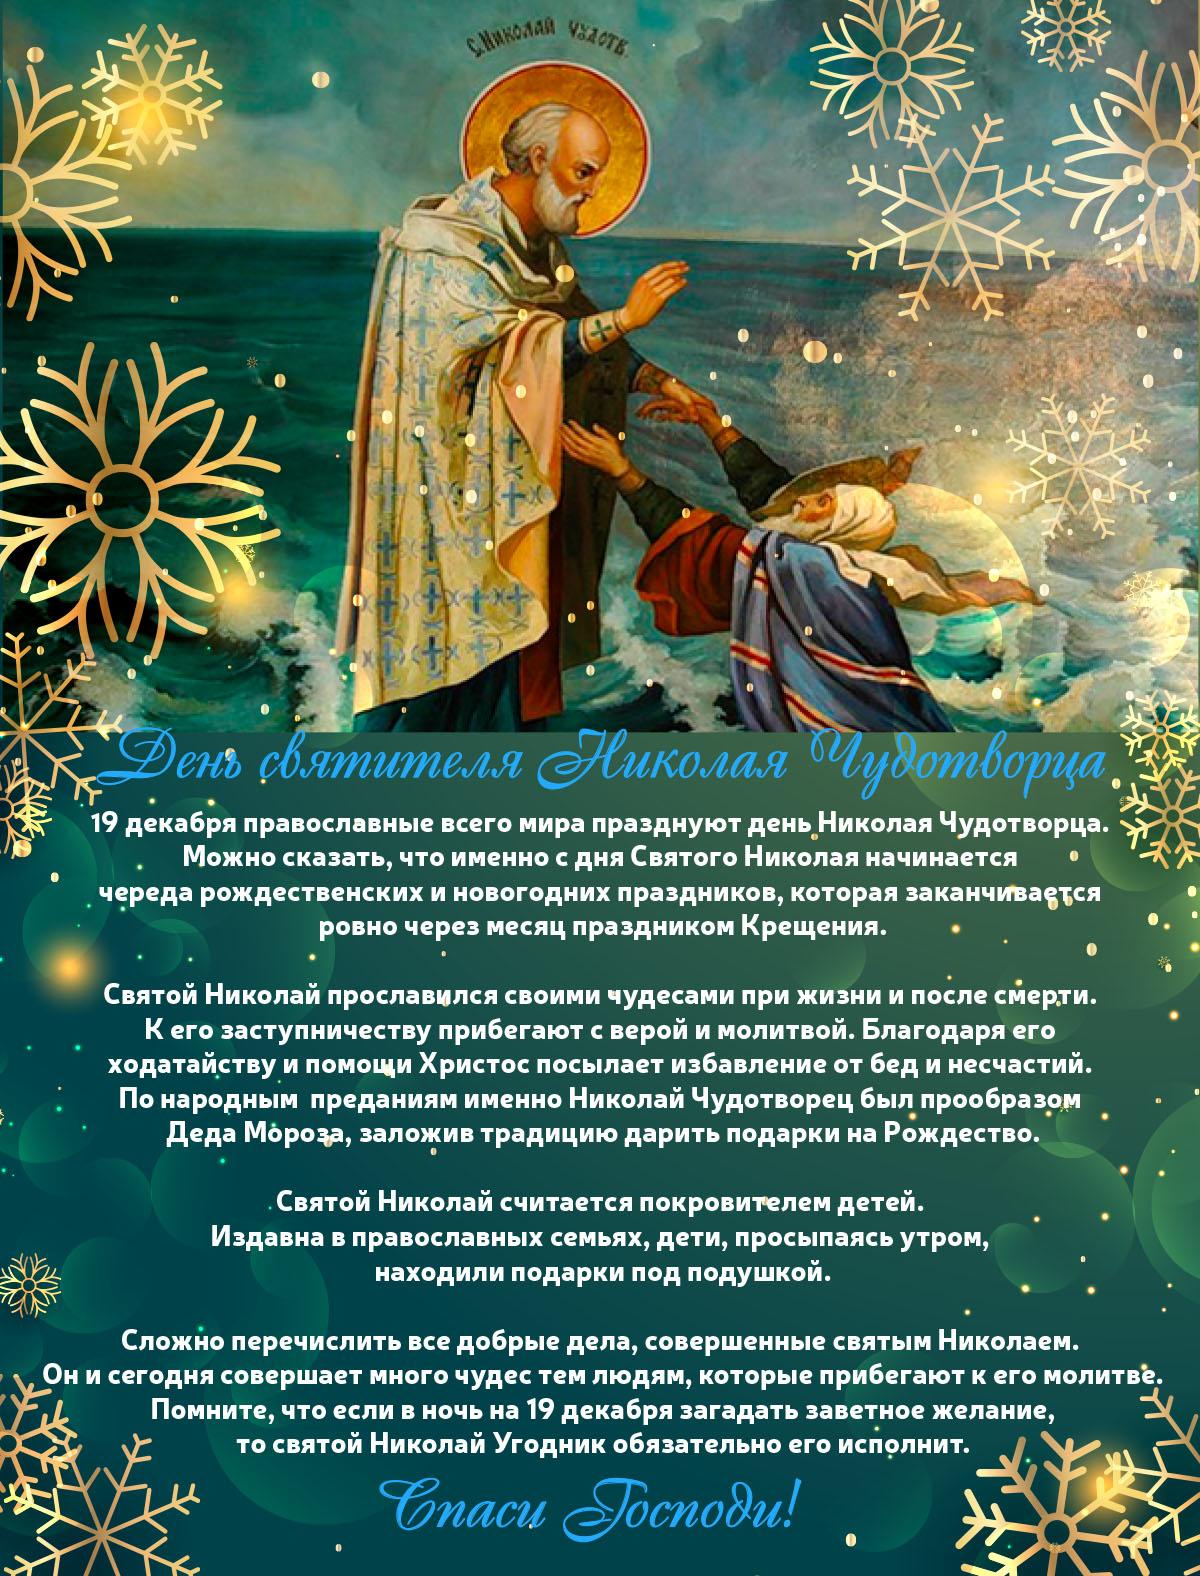 Николай Чудотворец Святой Николай молитва Николаю 2